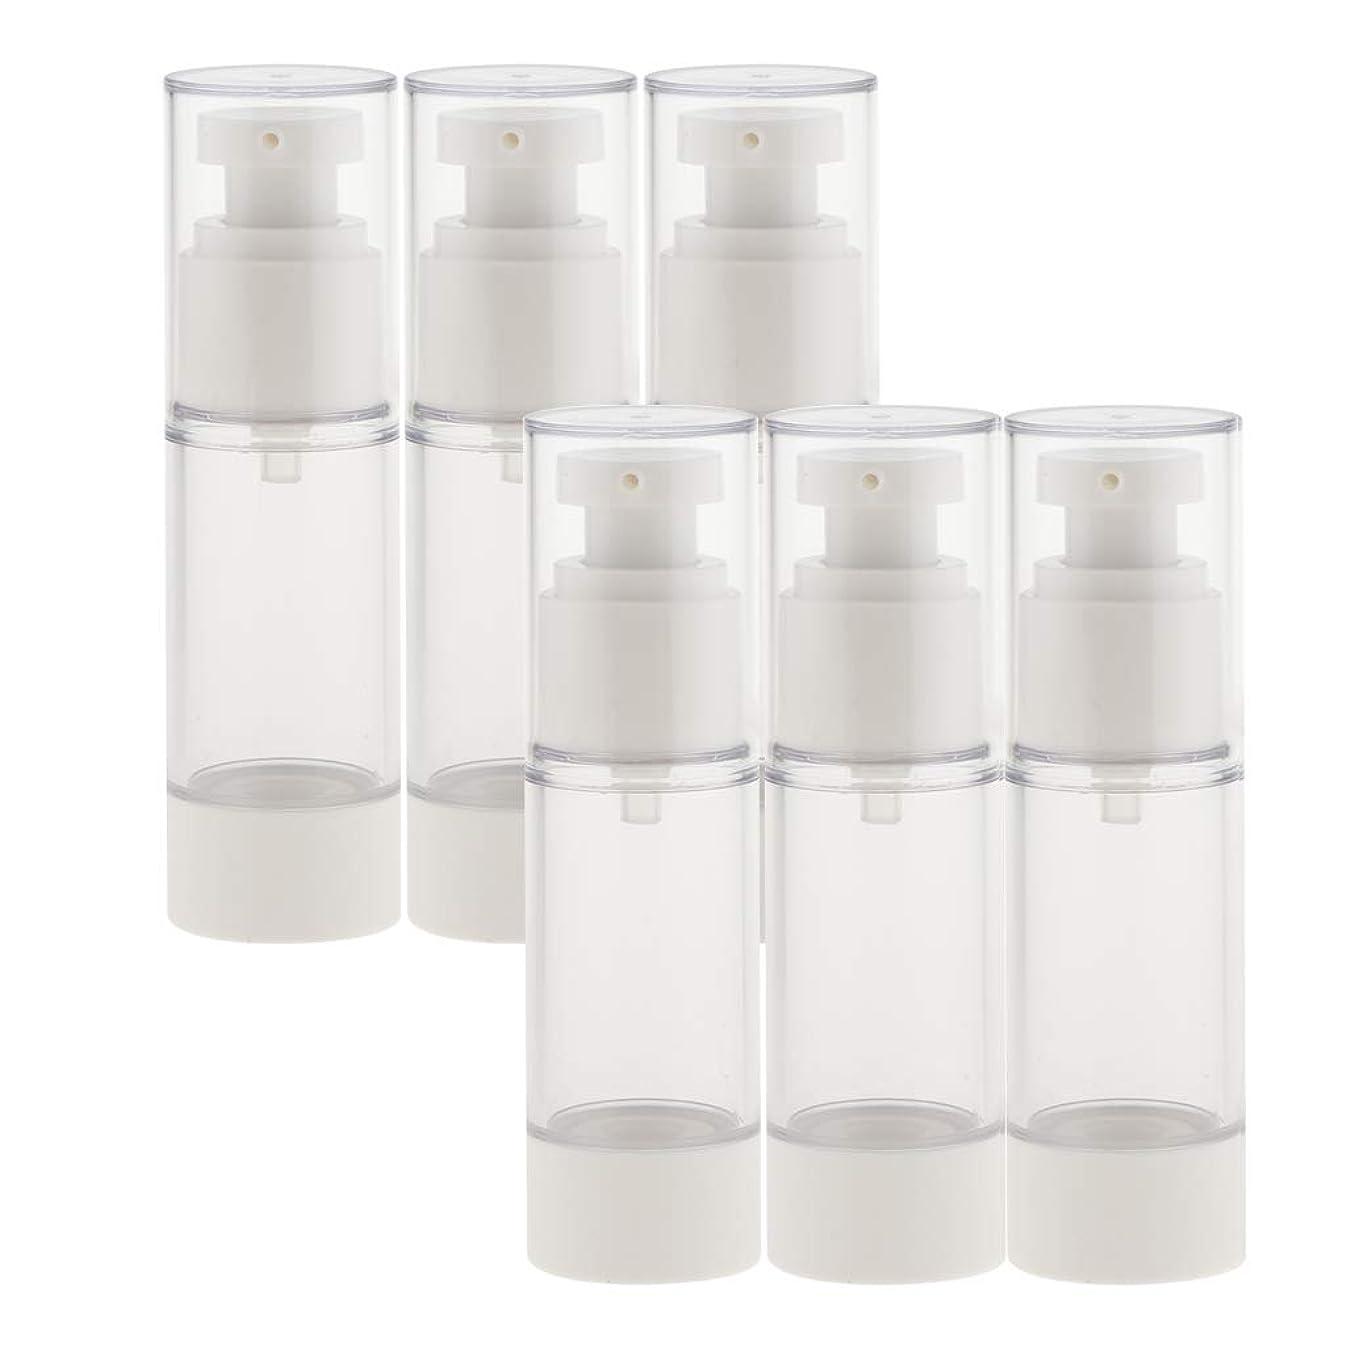 月羊飼い心のこもったdailymall スプレーボトル 6本セット 香水ボトル 真空ボトル ポンプボトル アトマイザー 全2サイズ選べ - 30ミリリットル